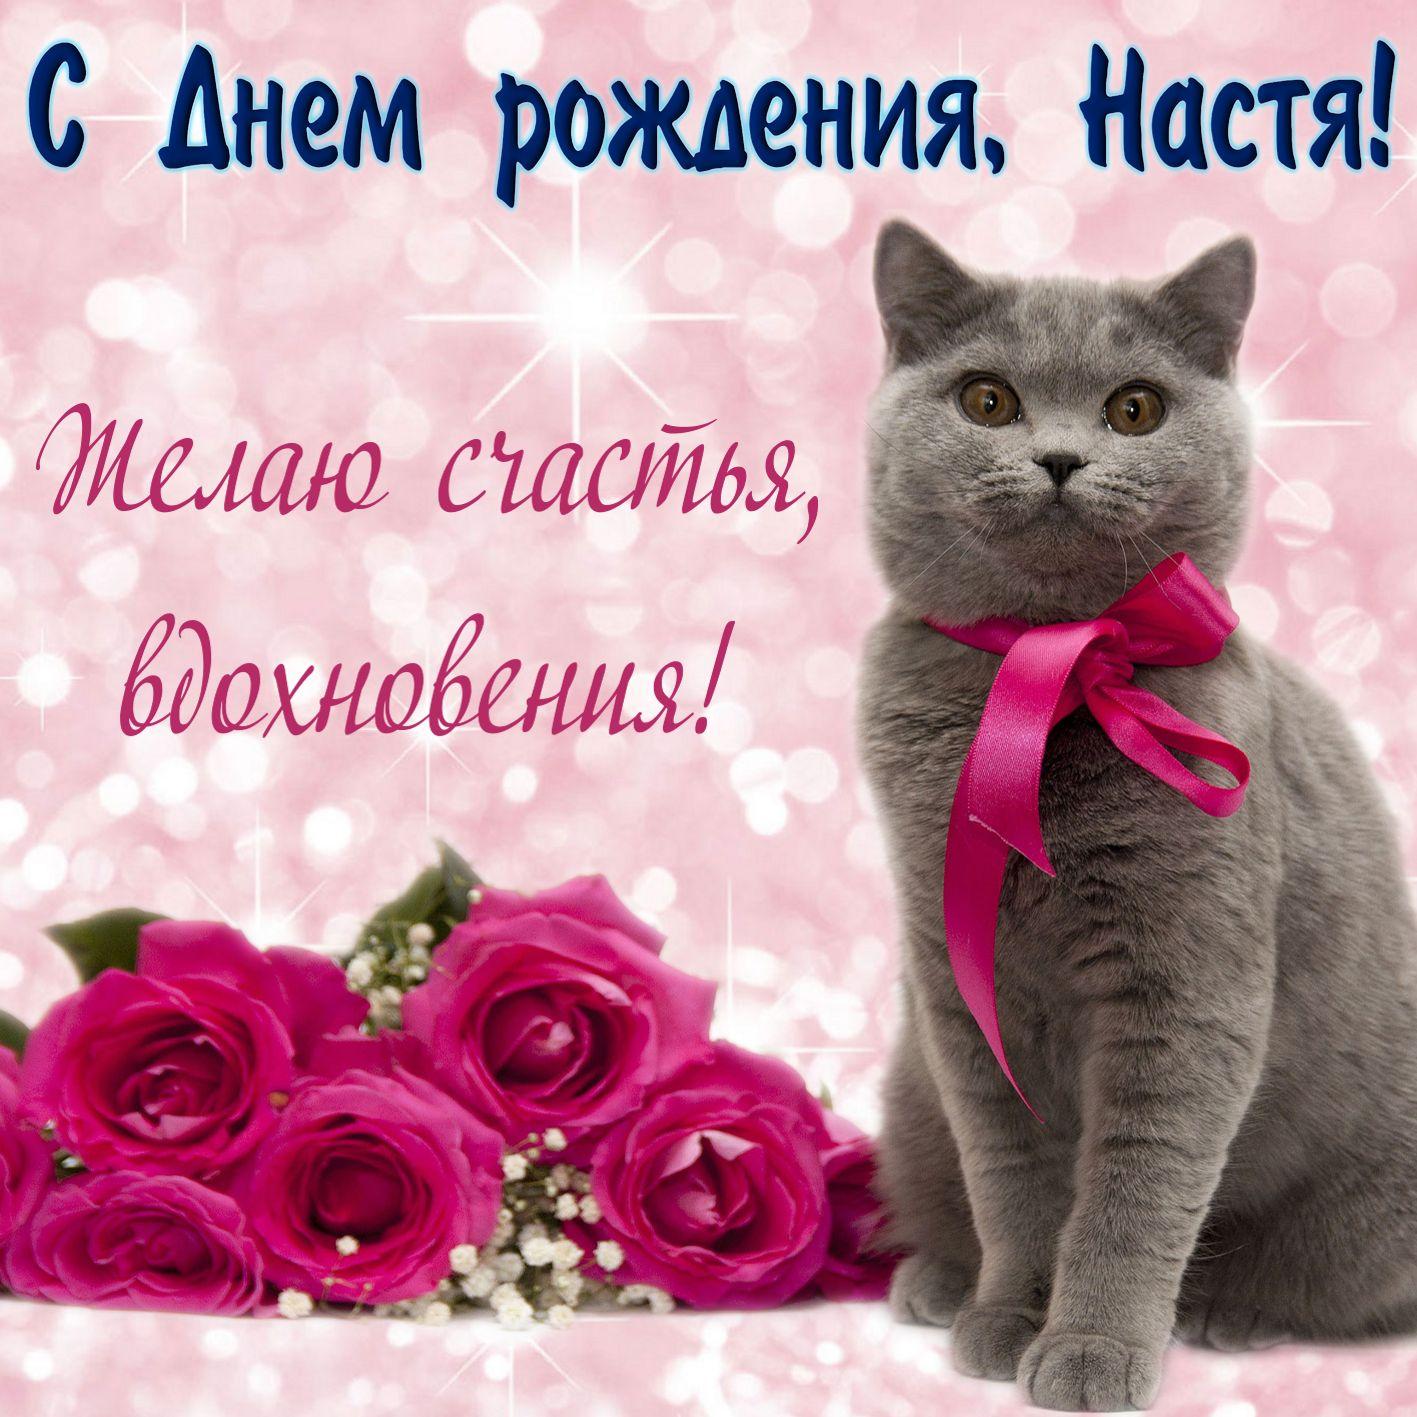 Открытка на день рождения Анастасии - милый котик с бантом на сверкающем фоне